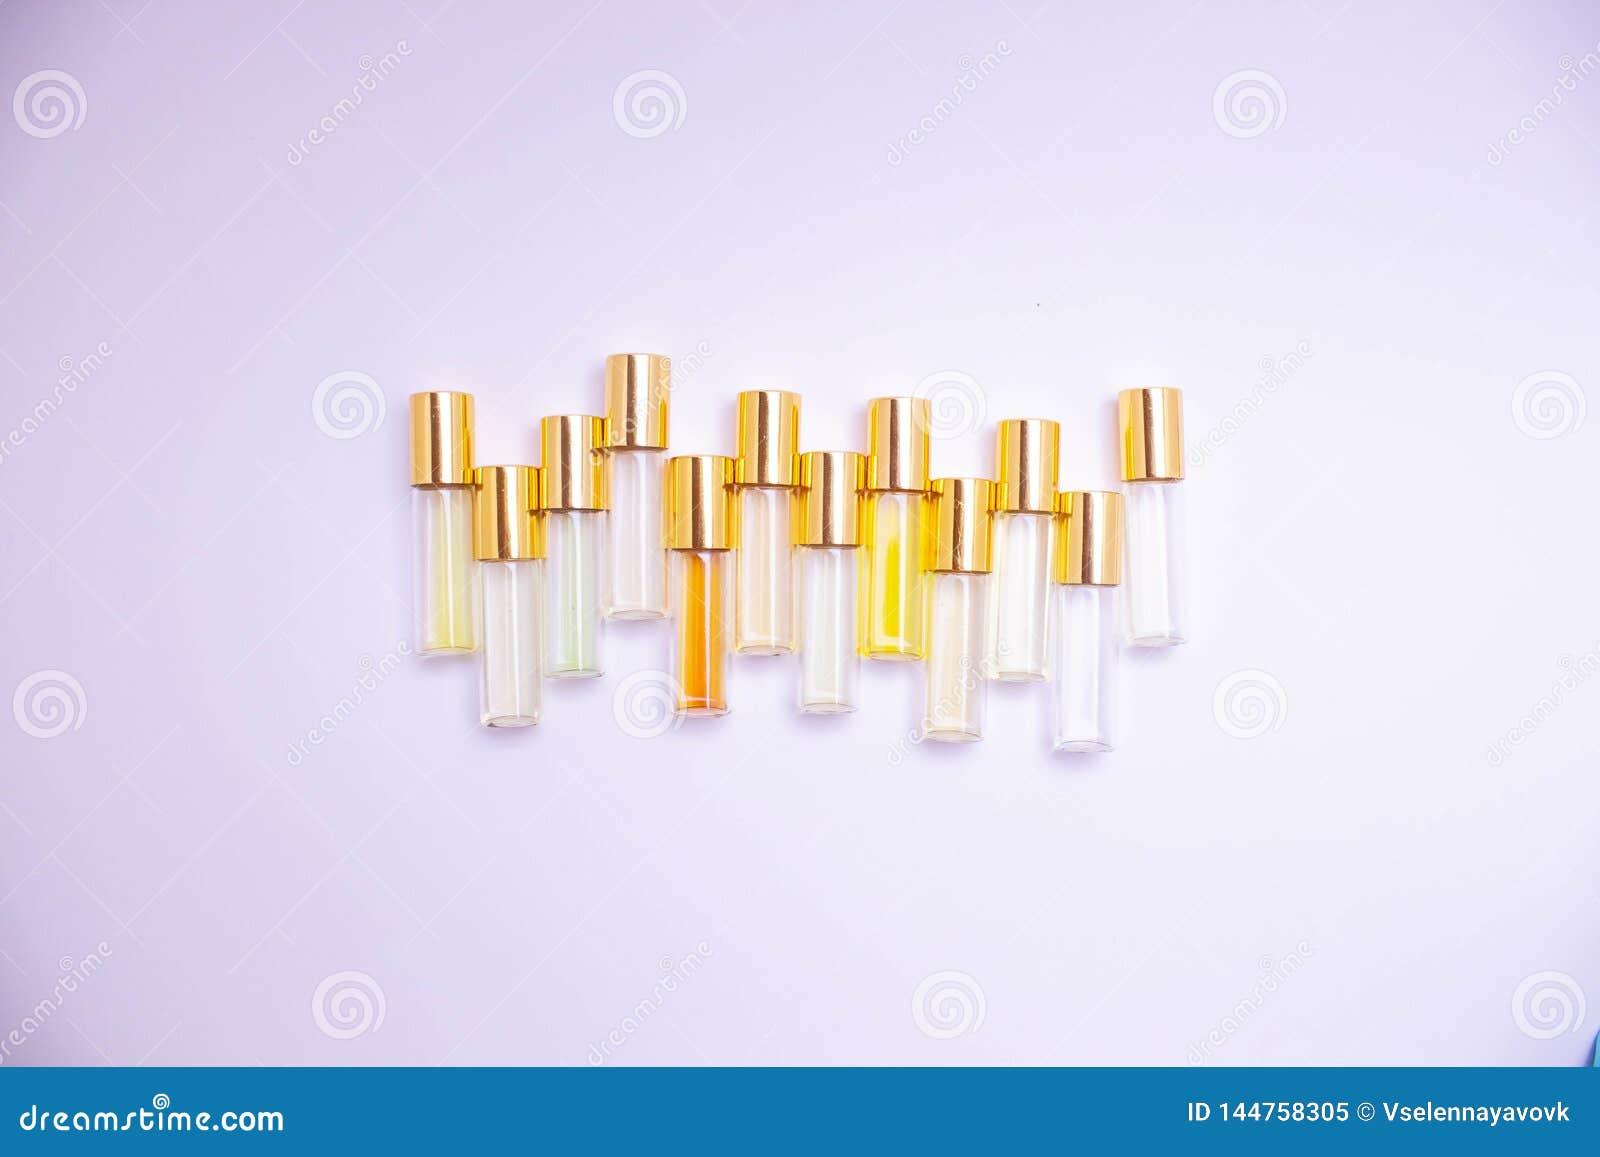 Het meetapparaatflesjes van het parfumglas van verschillende soorten op lichte achtergrond Parfumsteekproef